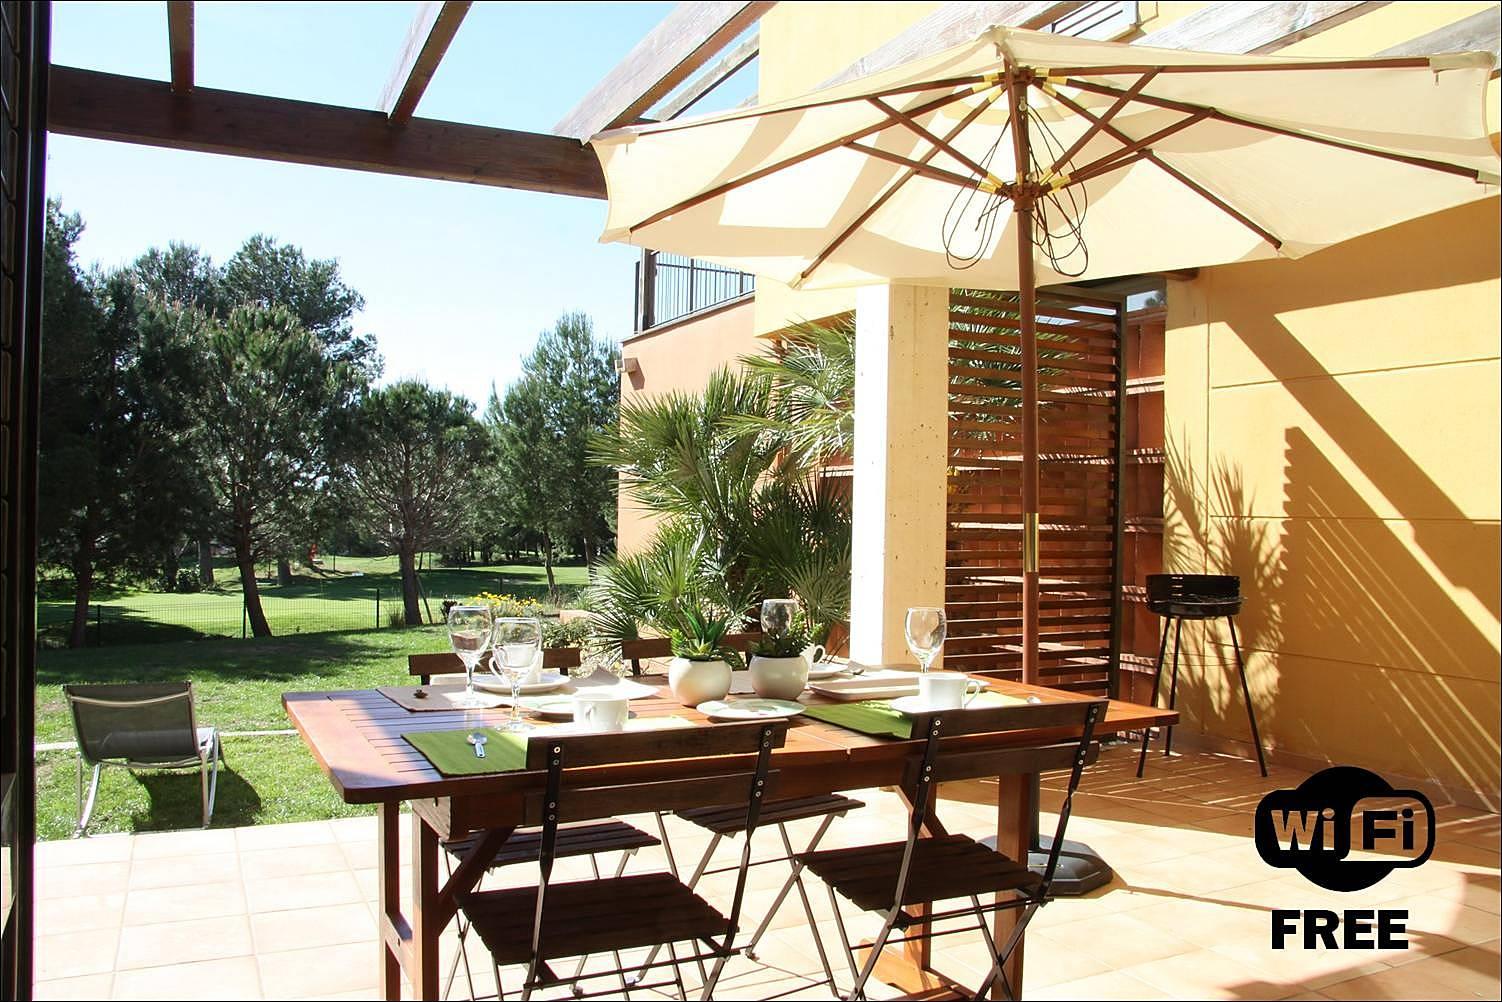 Alquiler vacaciones apartamentos y casas rurales en catalu a espa a - Alquiler casa rural cataluna ...